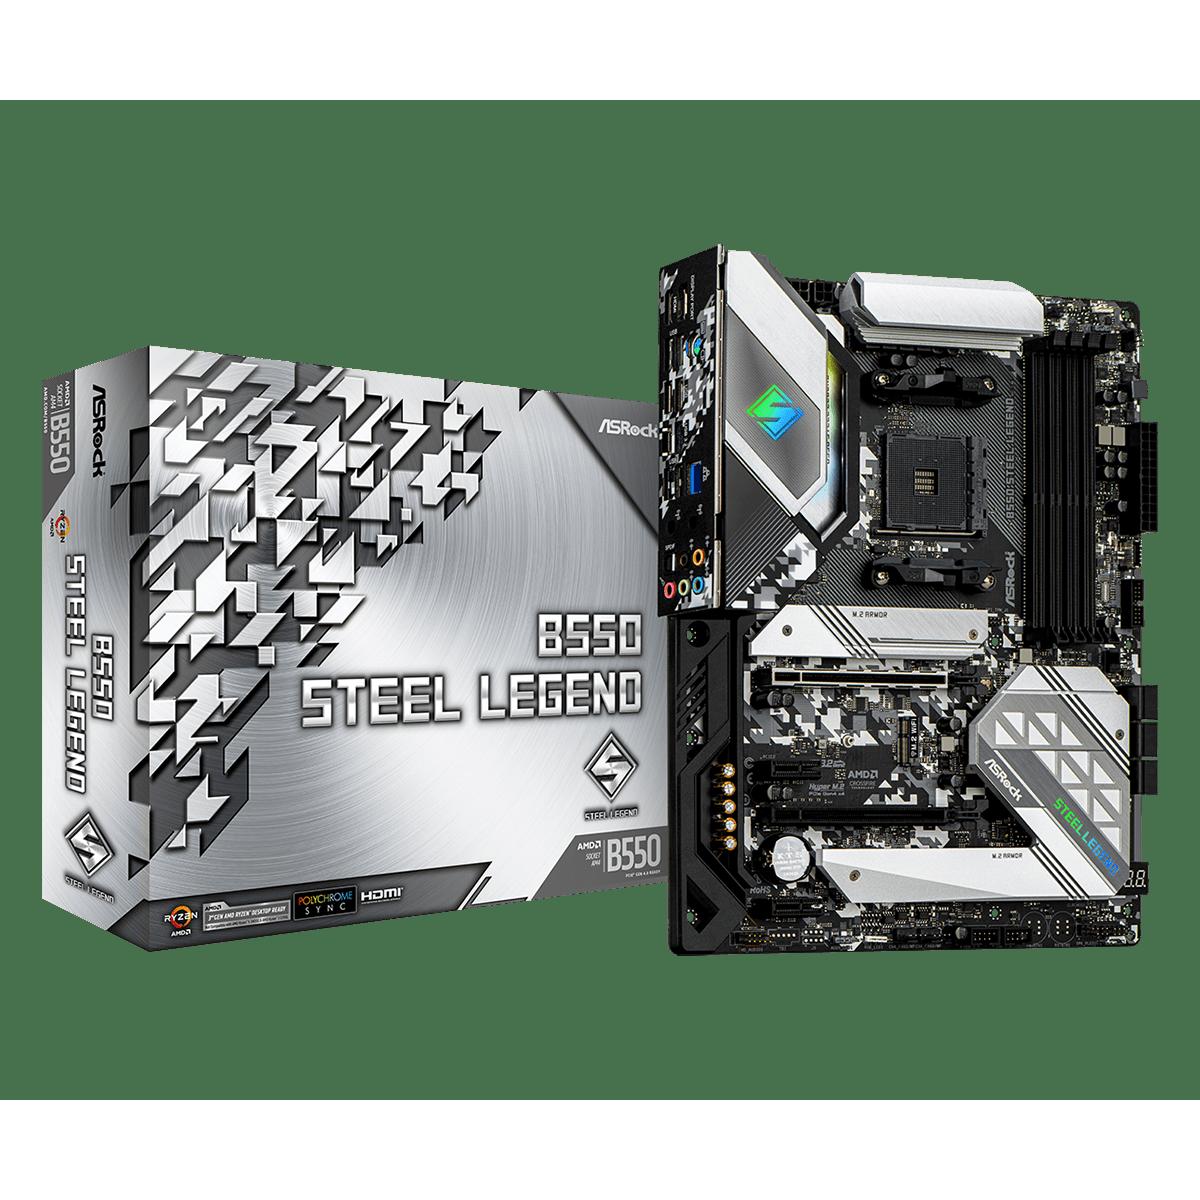 Placa Mãe AsRock B550 Steel Legend, Chipset B550, AMD AM4, ATX, DDR4